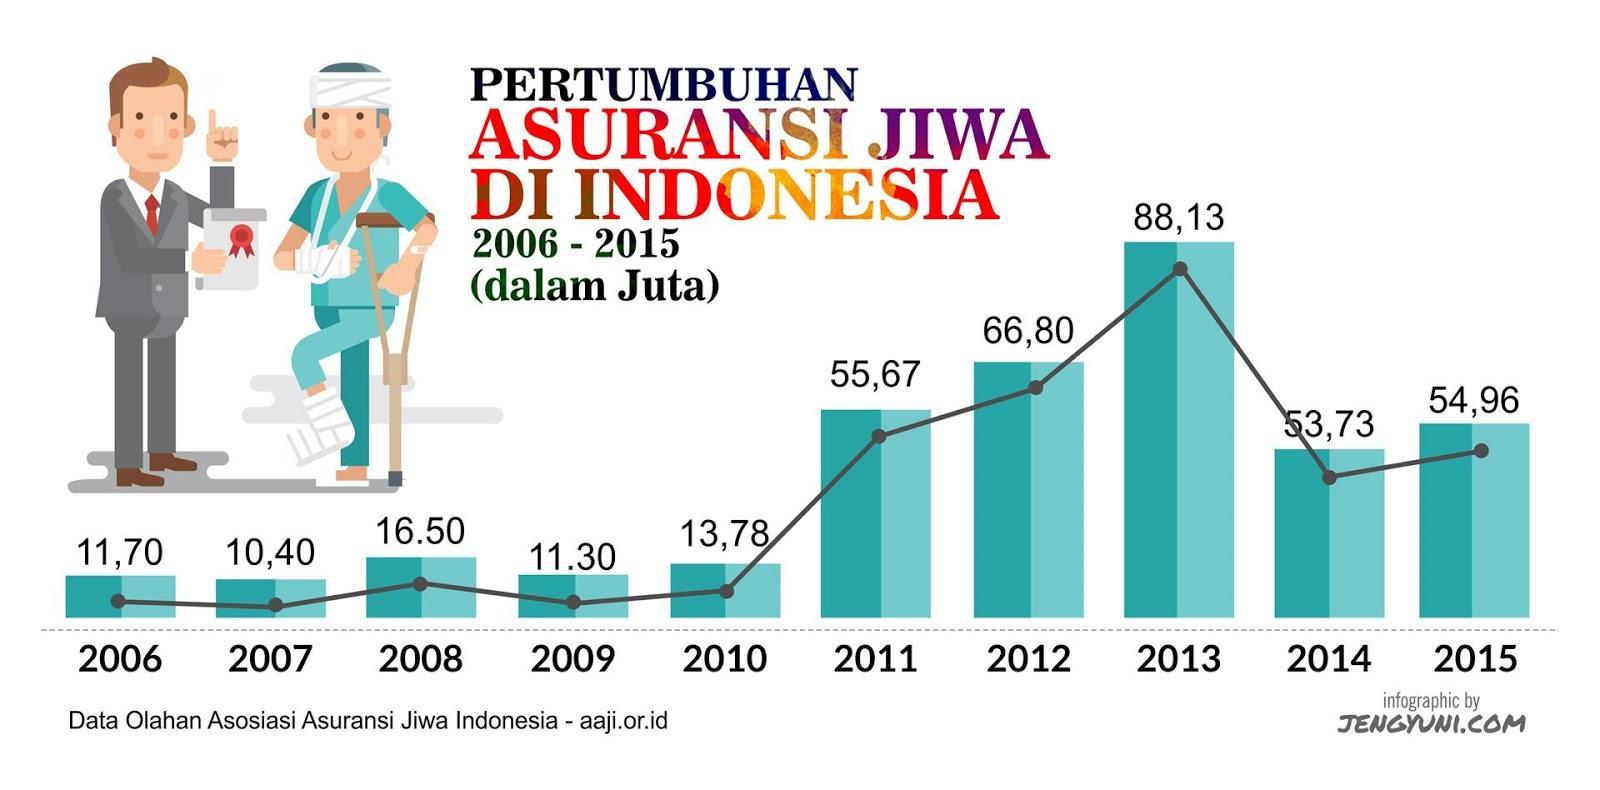 Pertumbuhan Asuransi di Indonesia - Yuk, Atur Uangmu